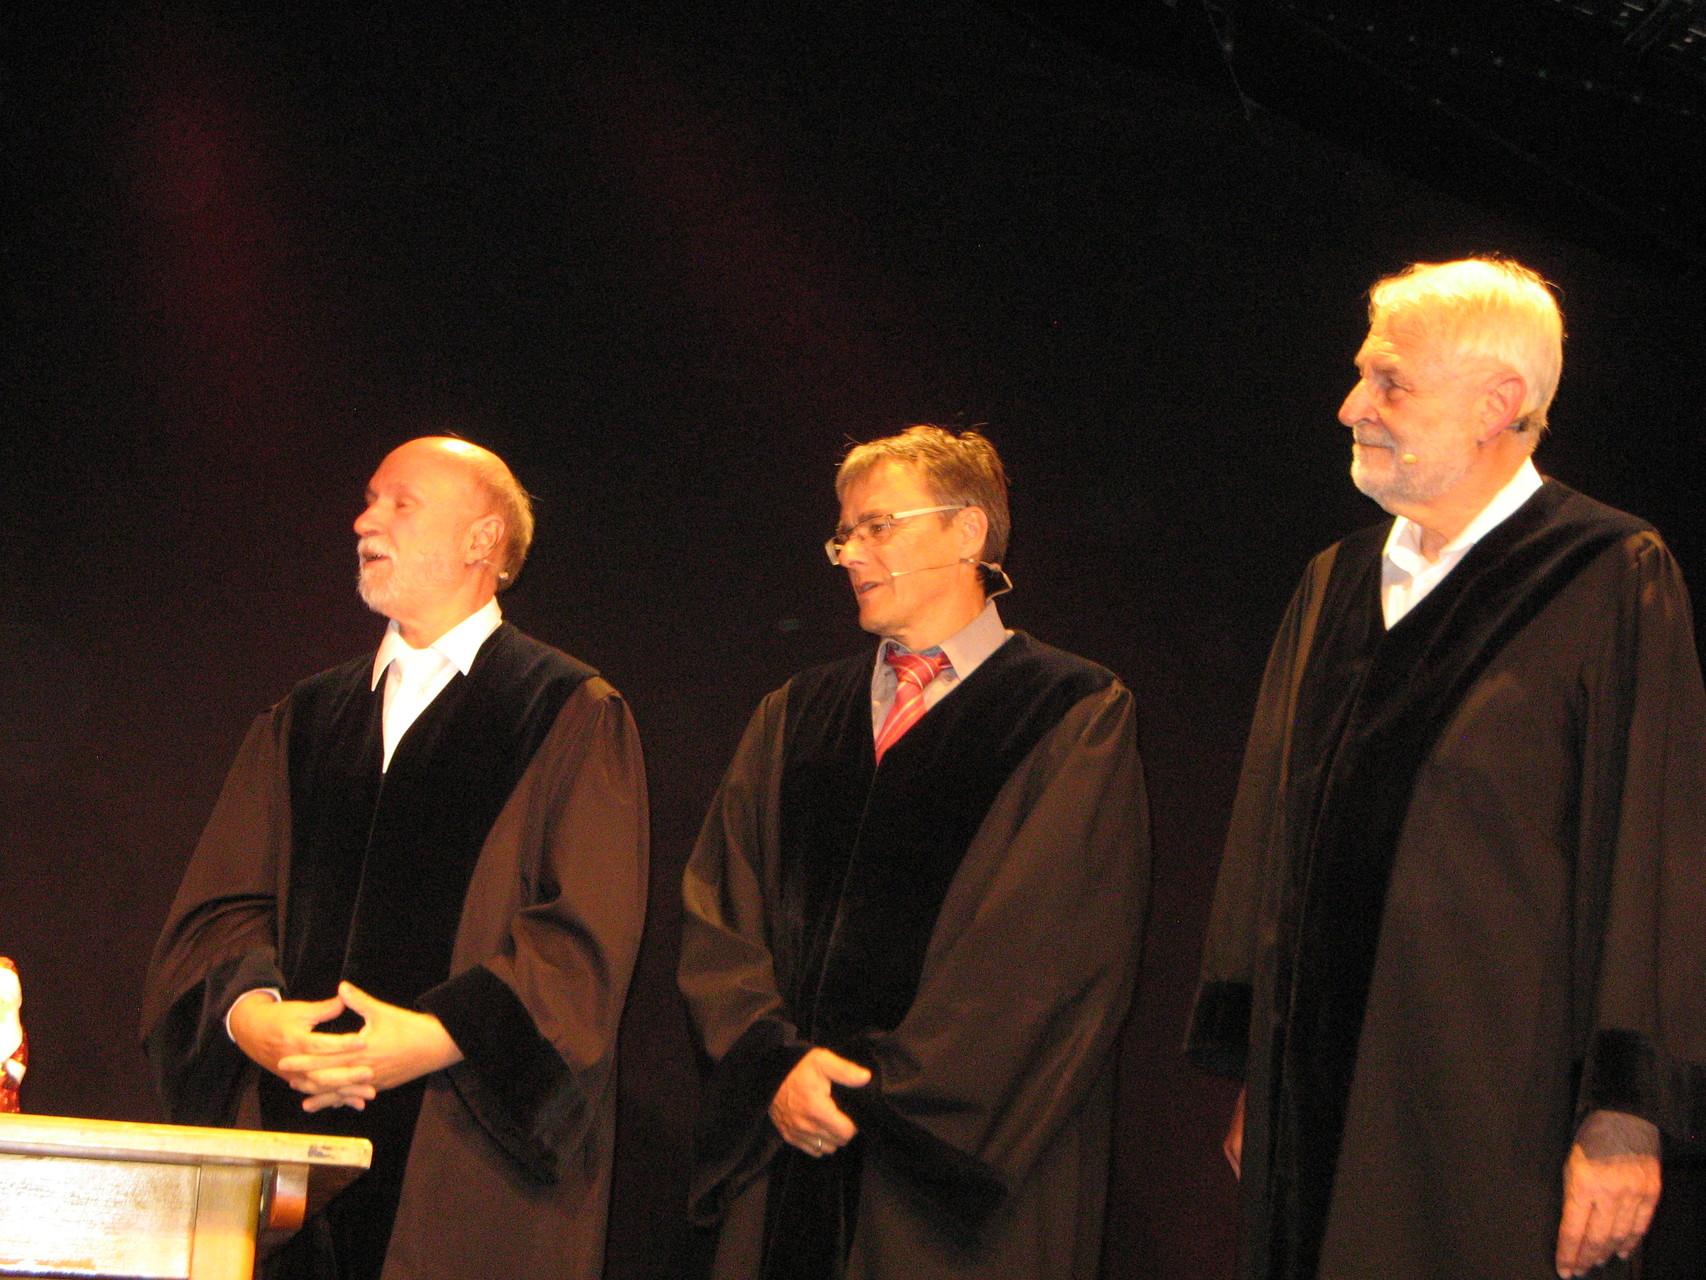 Lucas Heinrichs, Jochen Schaupp und Konrad Kramer belächeln eine Referendarin